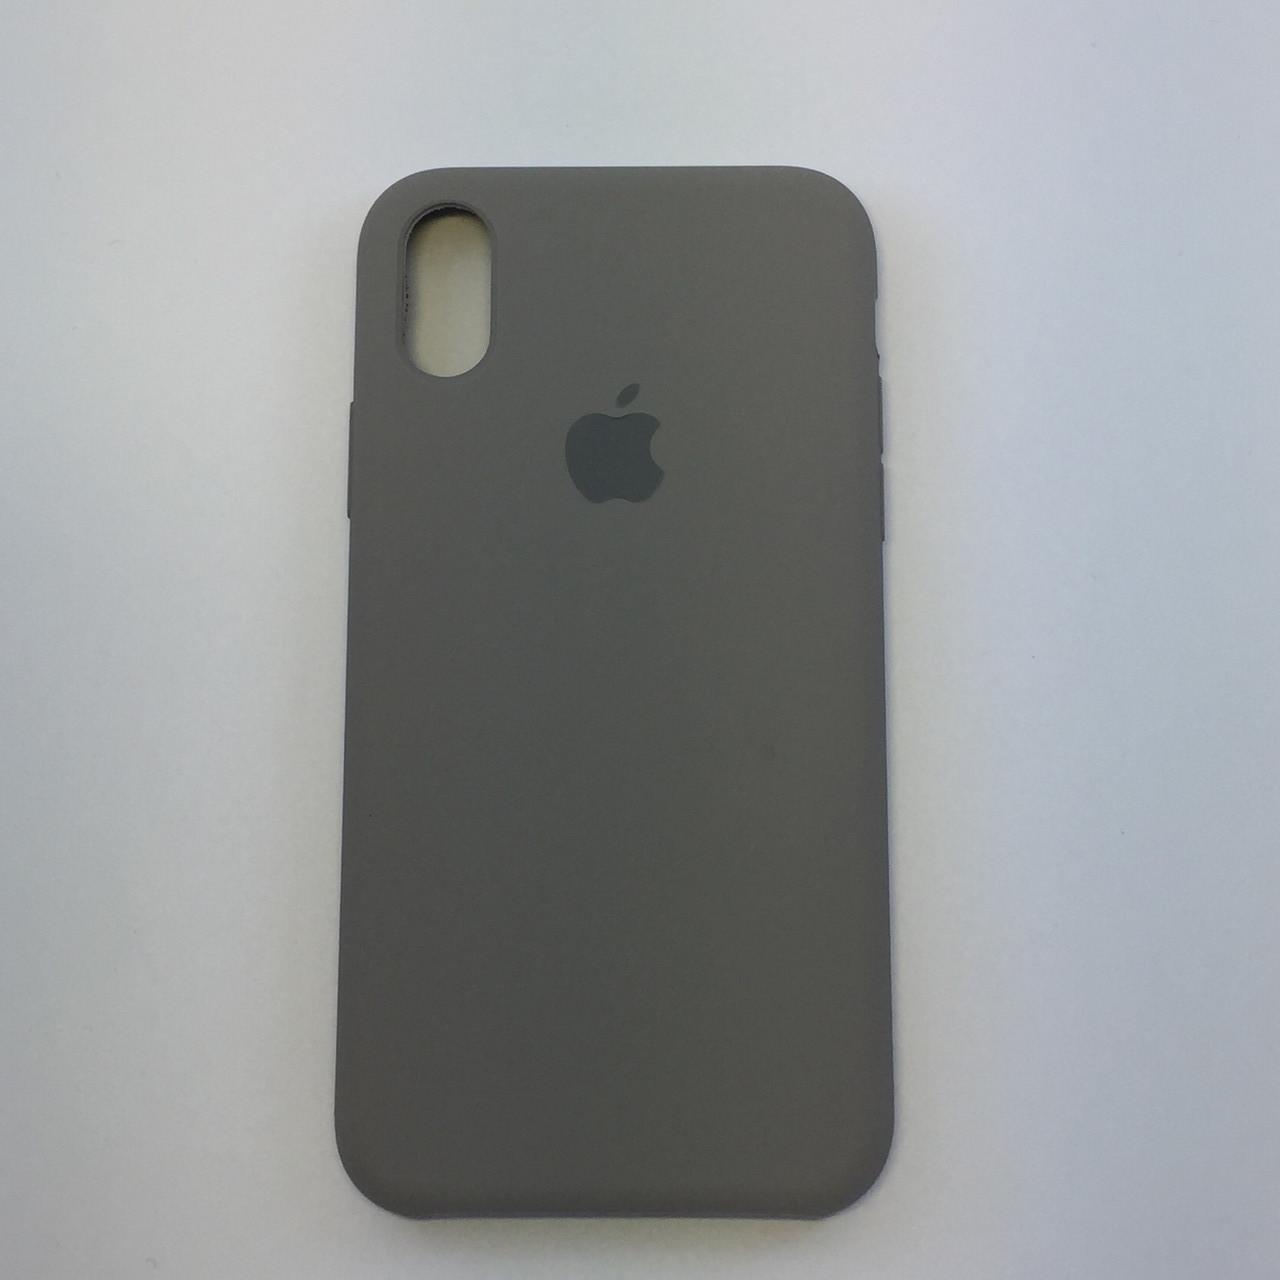 Силиконовый чехол iPhone Xs Max, оливковый, copy original